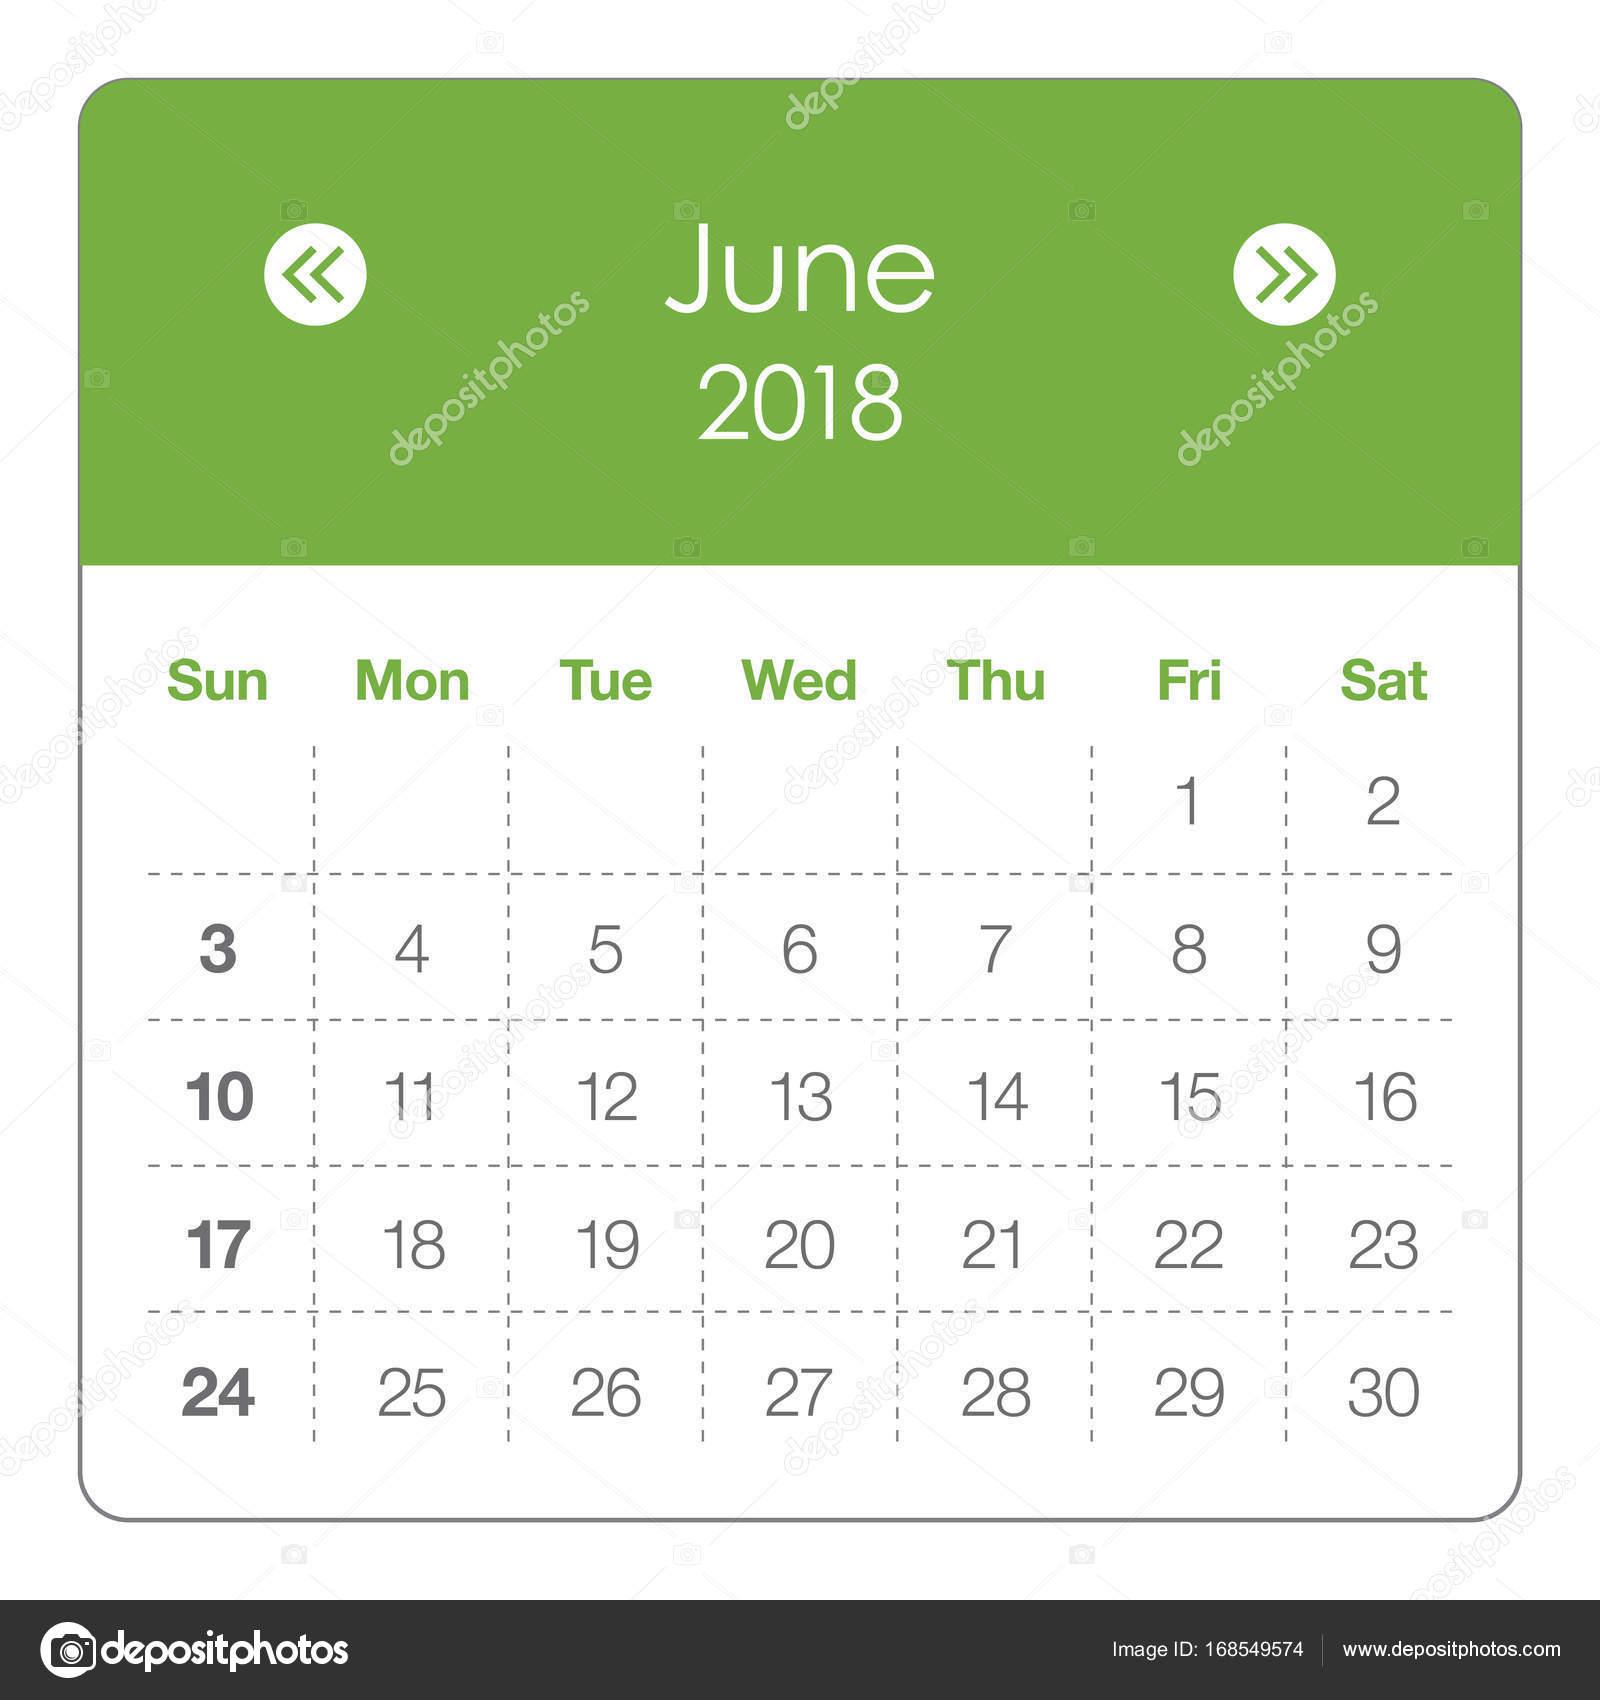 June Calendar Vector : June calendar vector illustration — stock